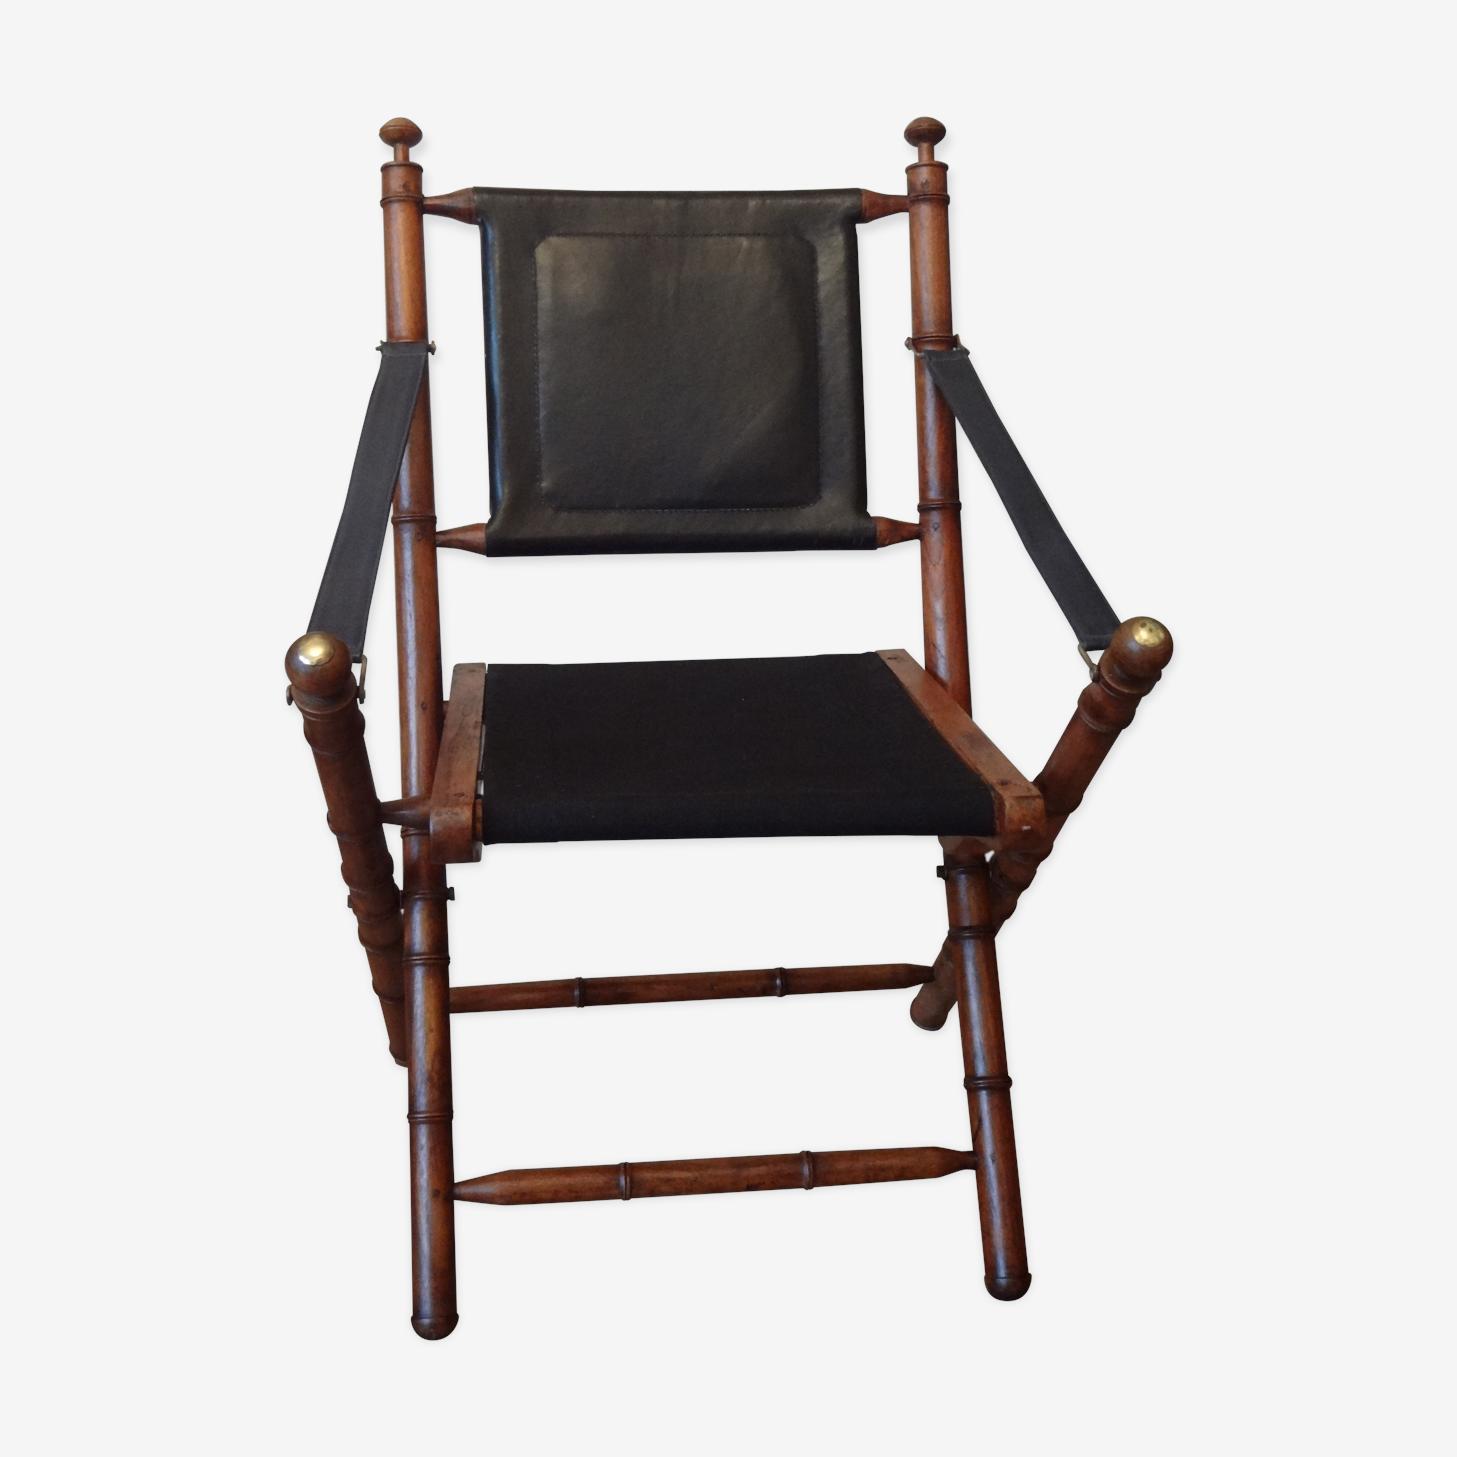 Fauteuil pliant style colonial cuir noir vintage SWy0Z5a